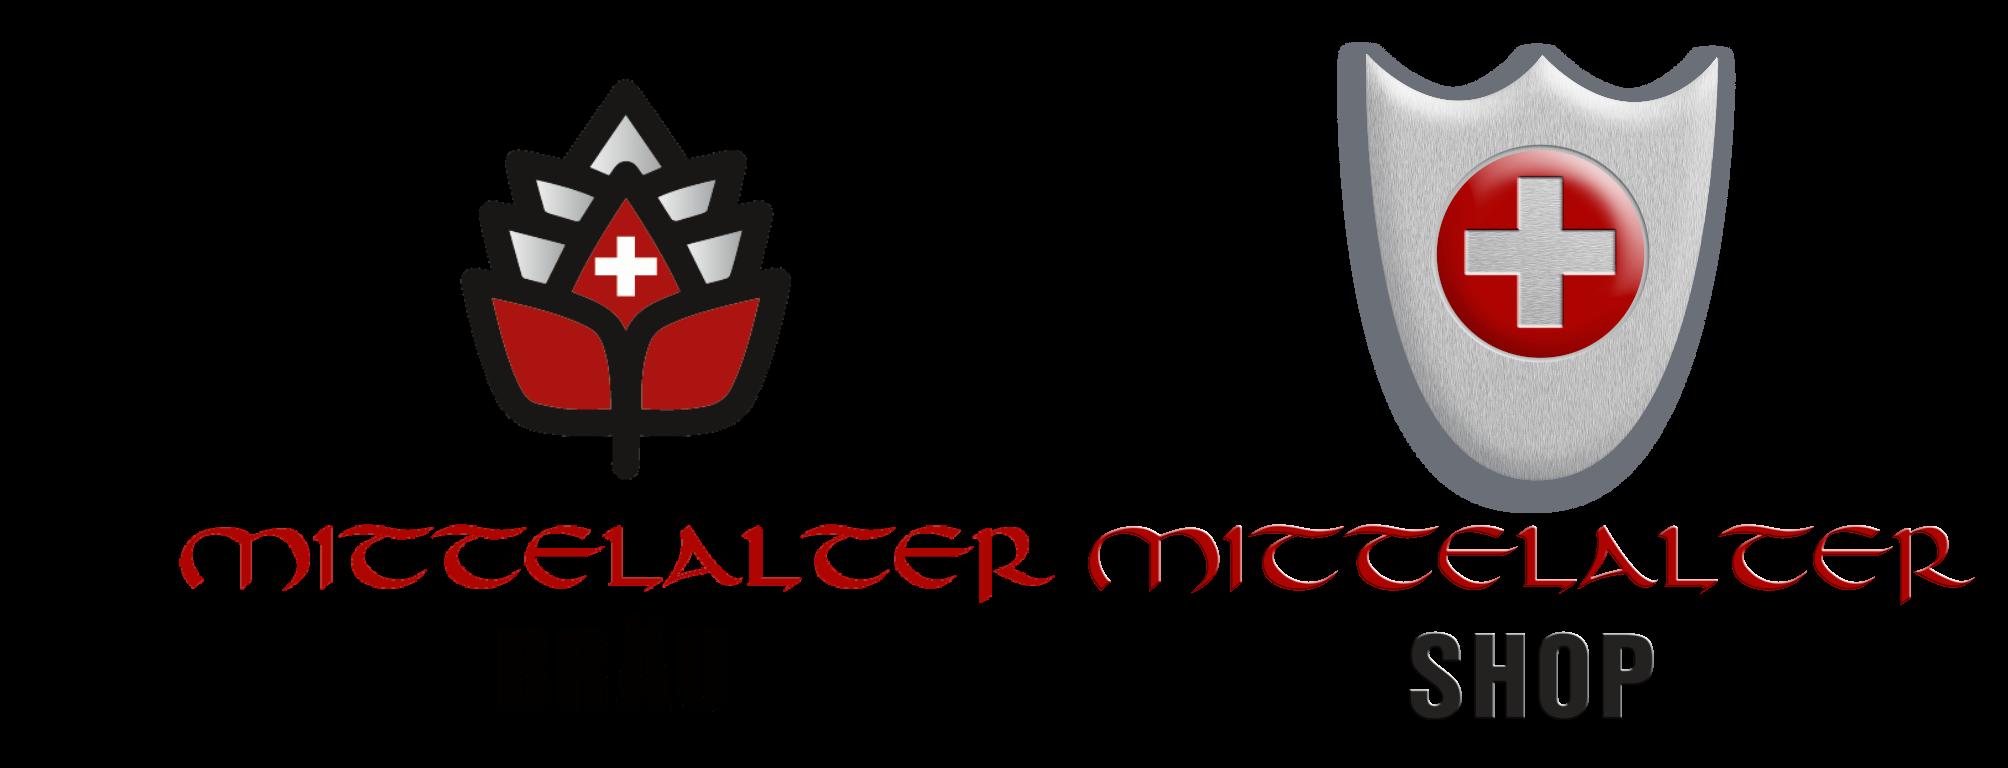 Mittelalter Shop Schweiz-Logo